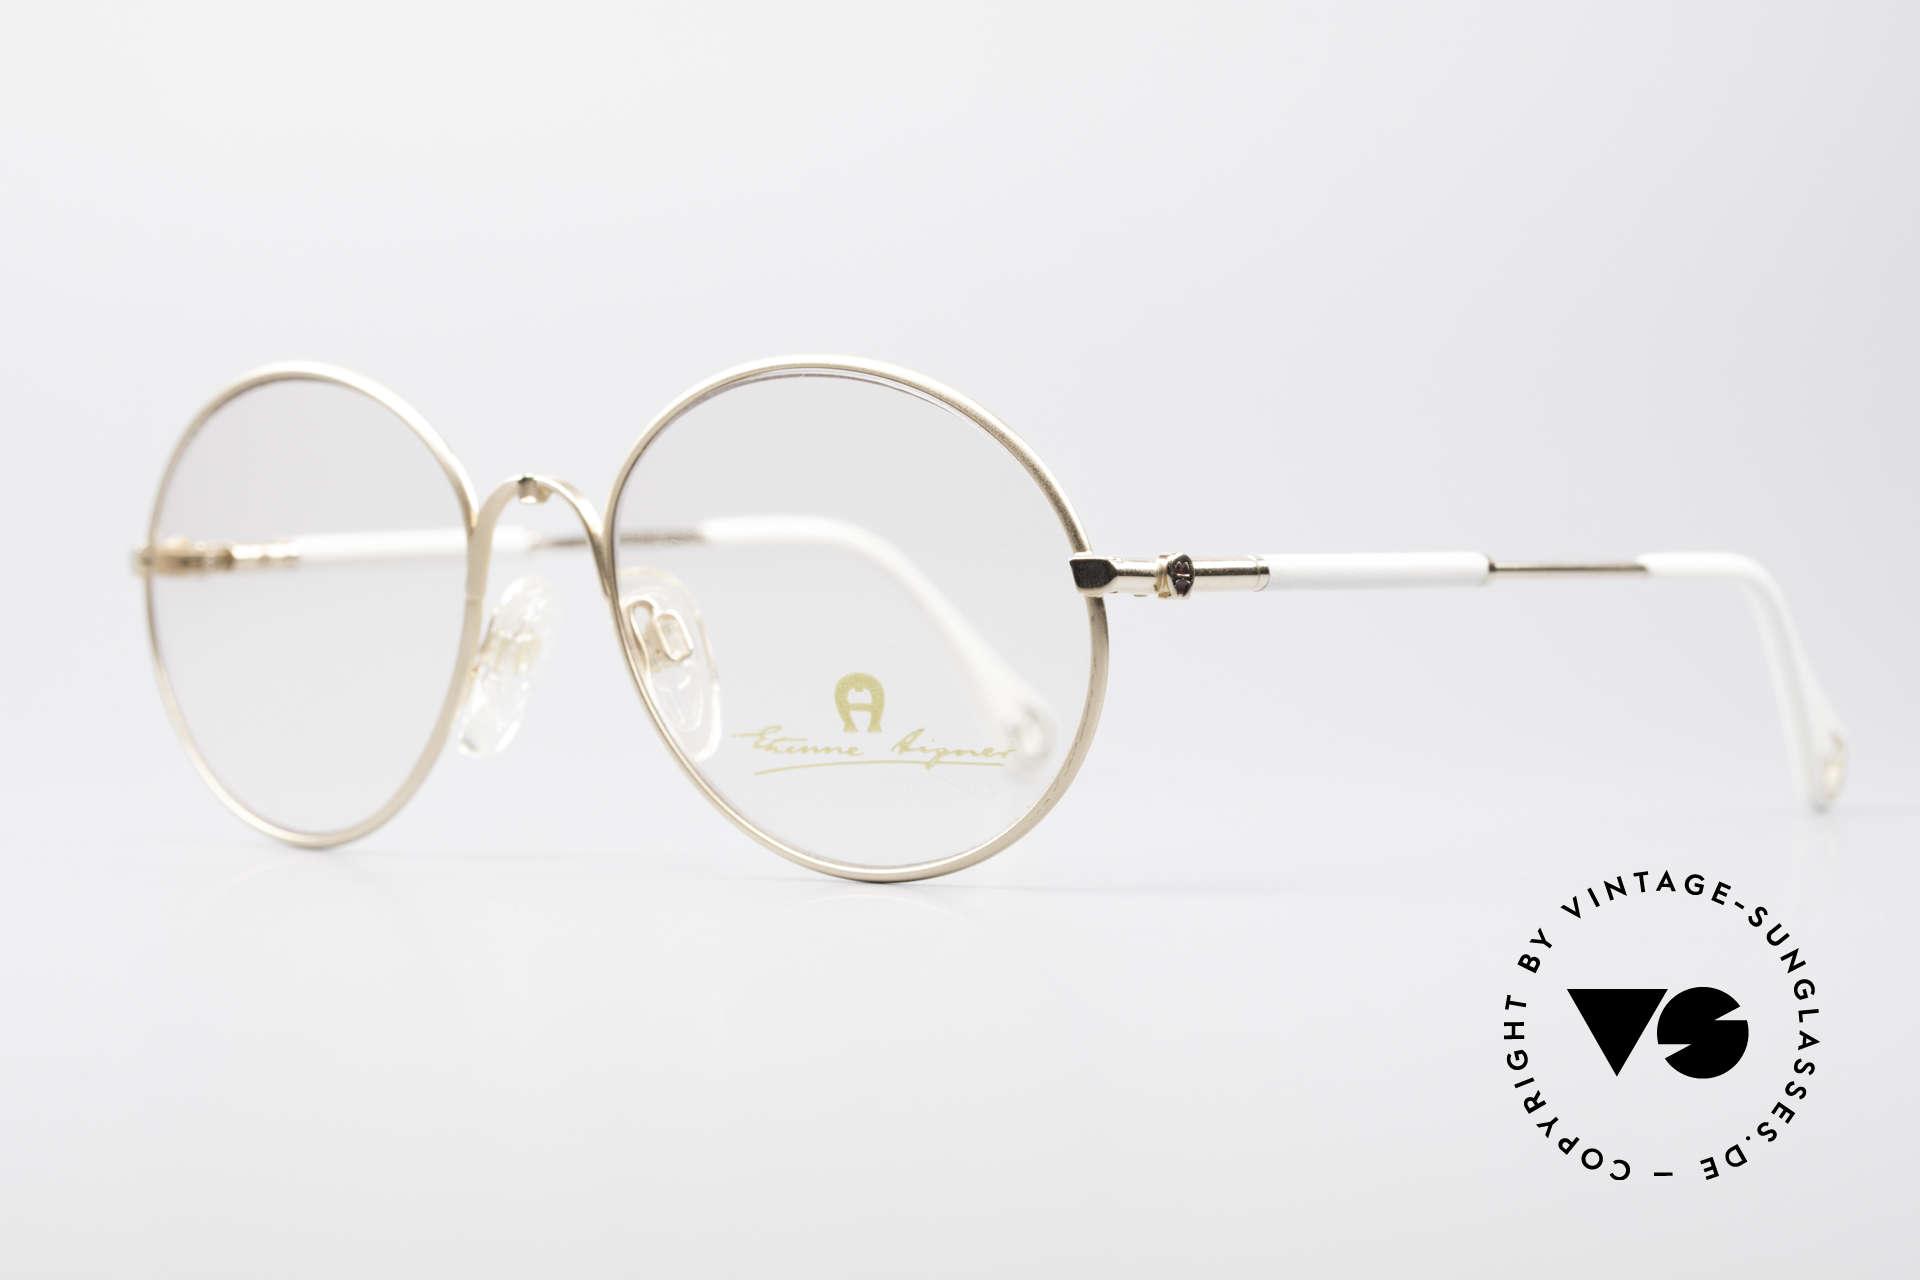 Aigner EA13 Kleine Runde 80er Brille, wahre Luxus-Brille mit Seriennr.; kostbar & selten, Passend für Damen